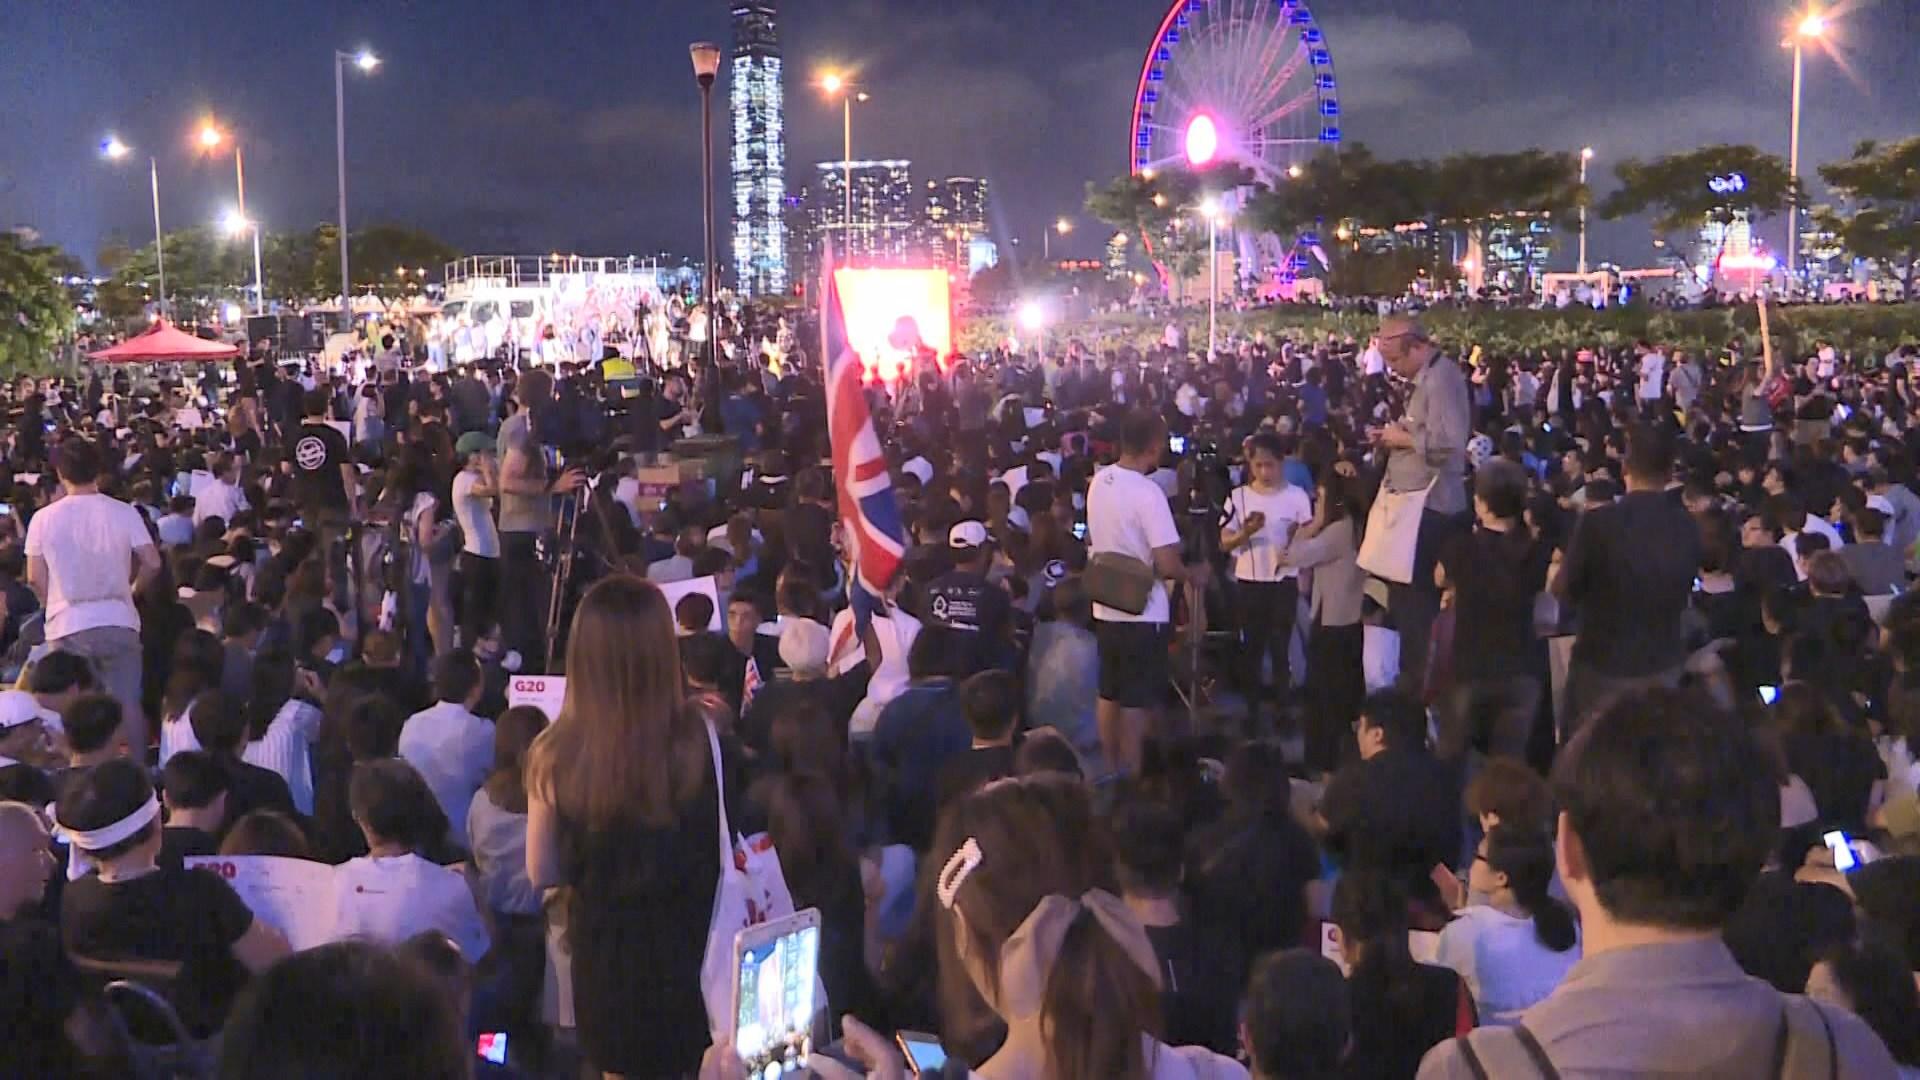 民陣集會促政府撤回逃犯條例